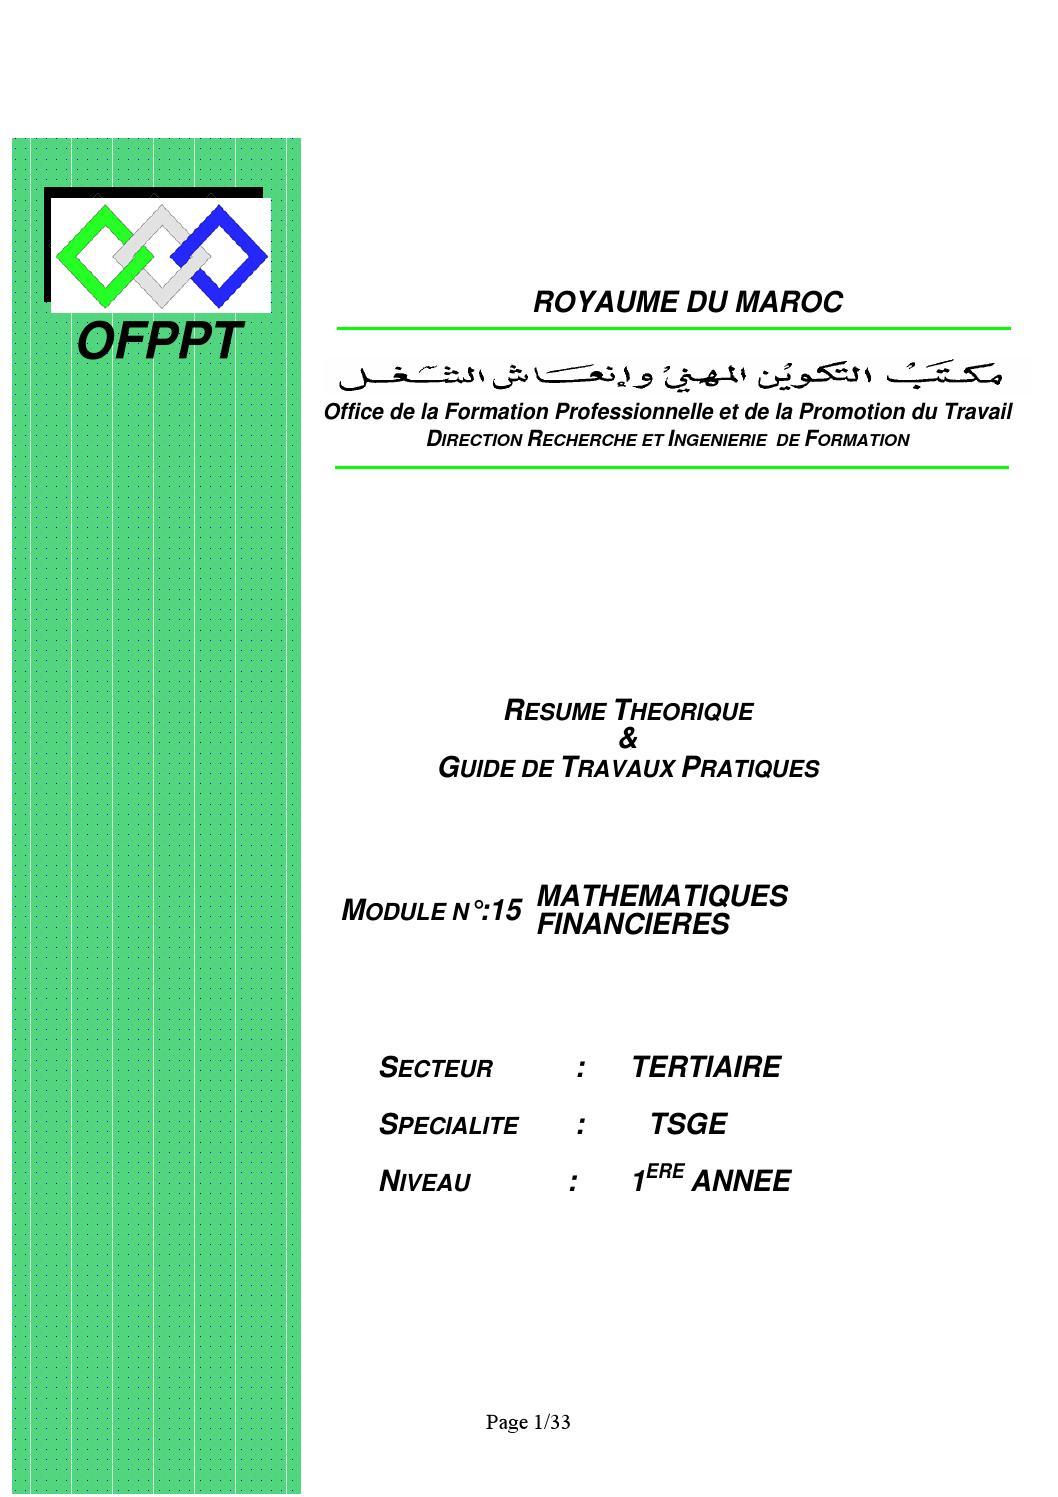 module 11 tsge math u00e9matiques financi u00e8res ofppt by semmah